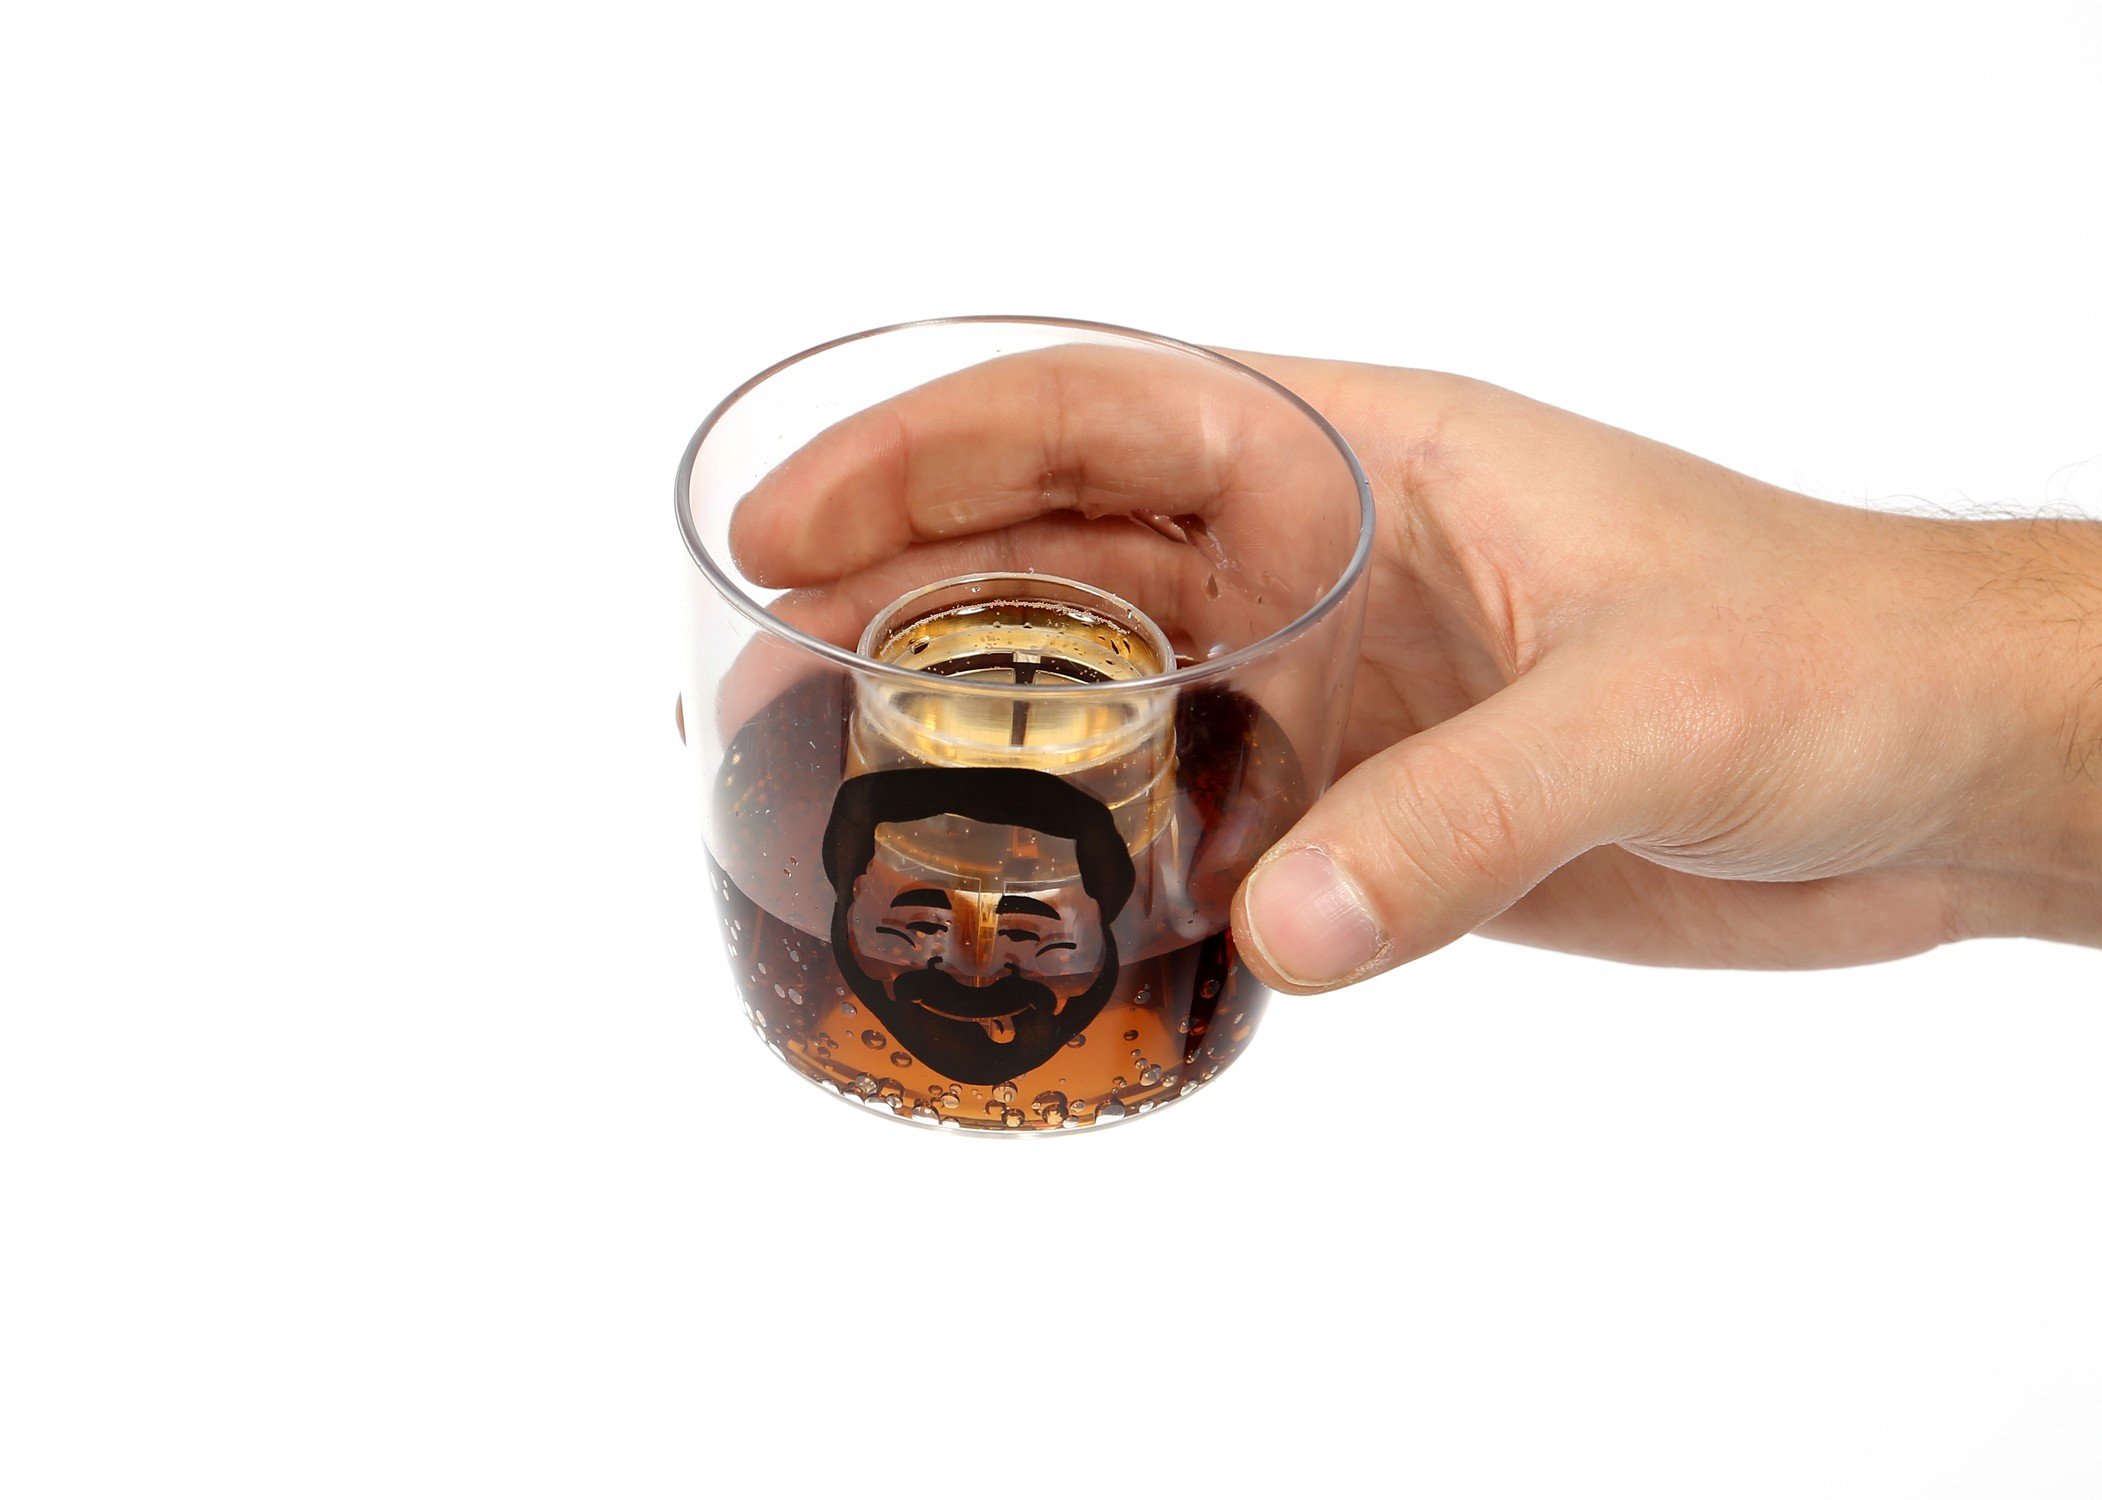 klattschen® Party-Cups - 5 Stück - innovative Partybecher mit Geschmacksexplosion